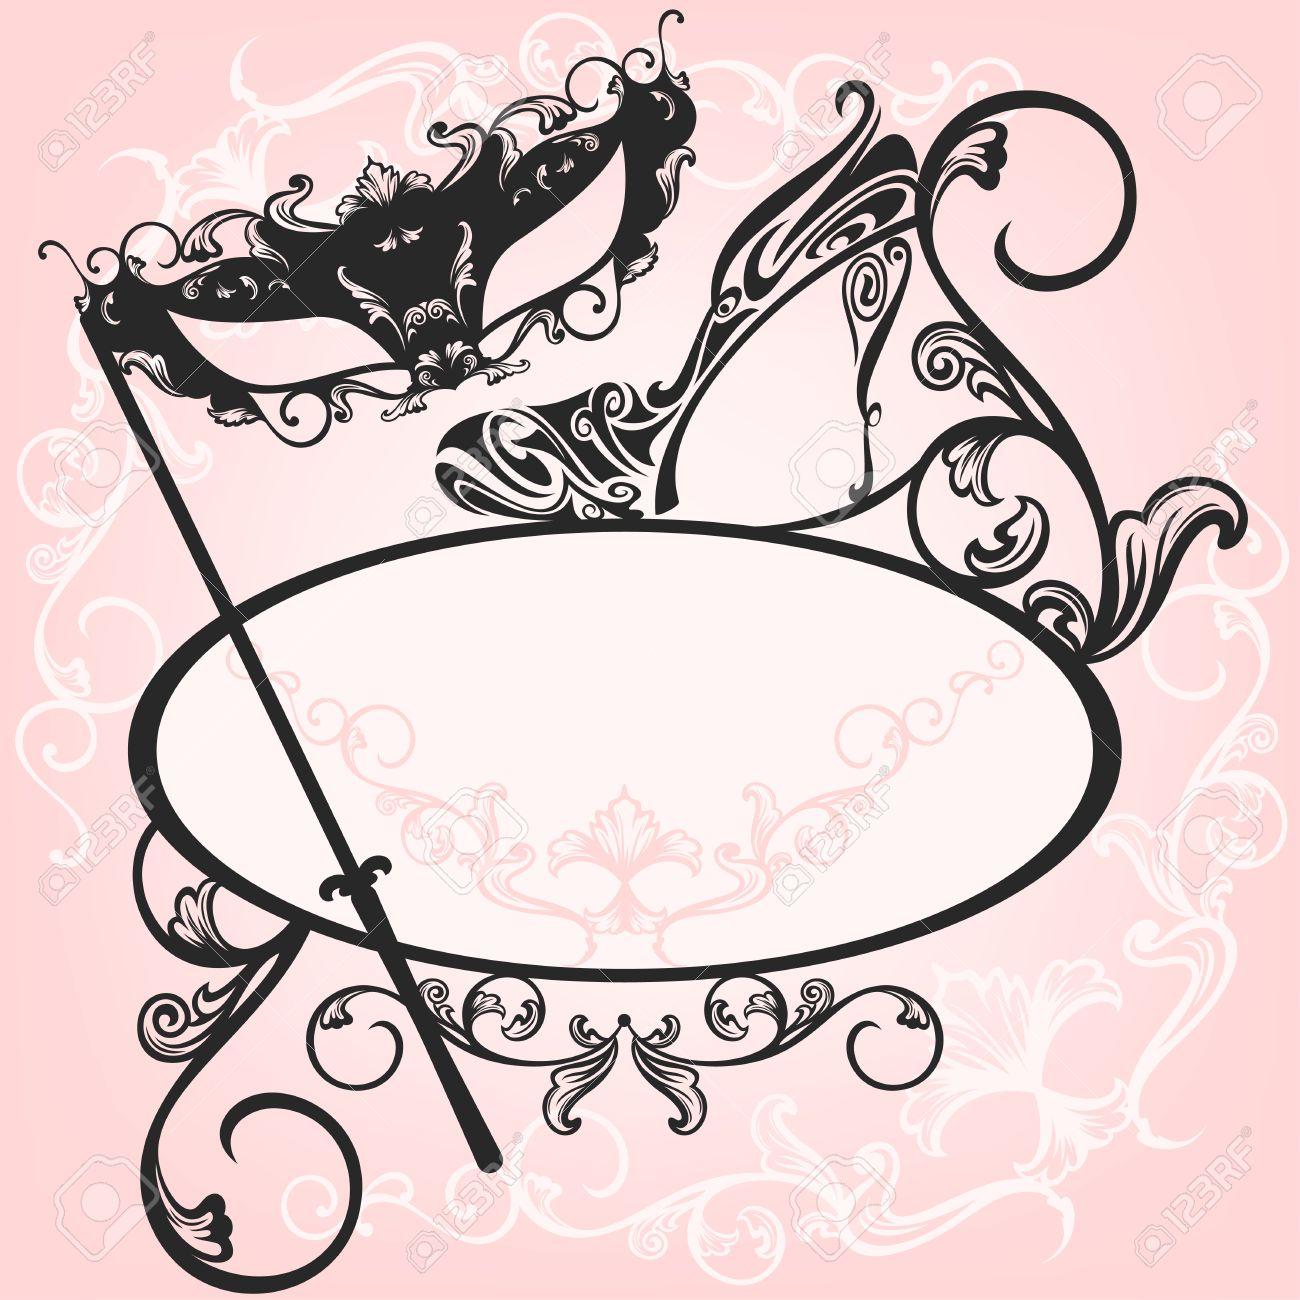 einladung zur party maskerade - elegante vektor-design mit, Einladungen